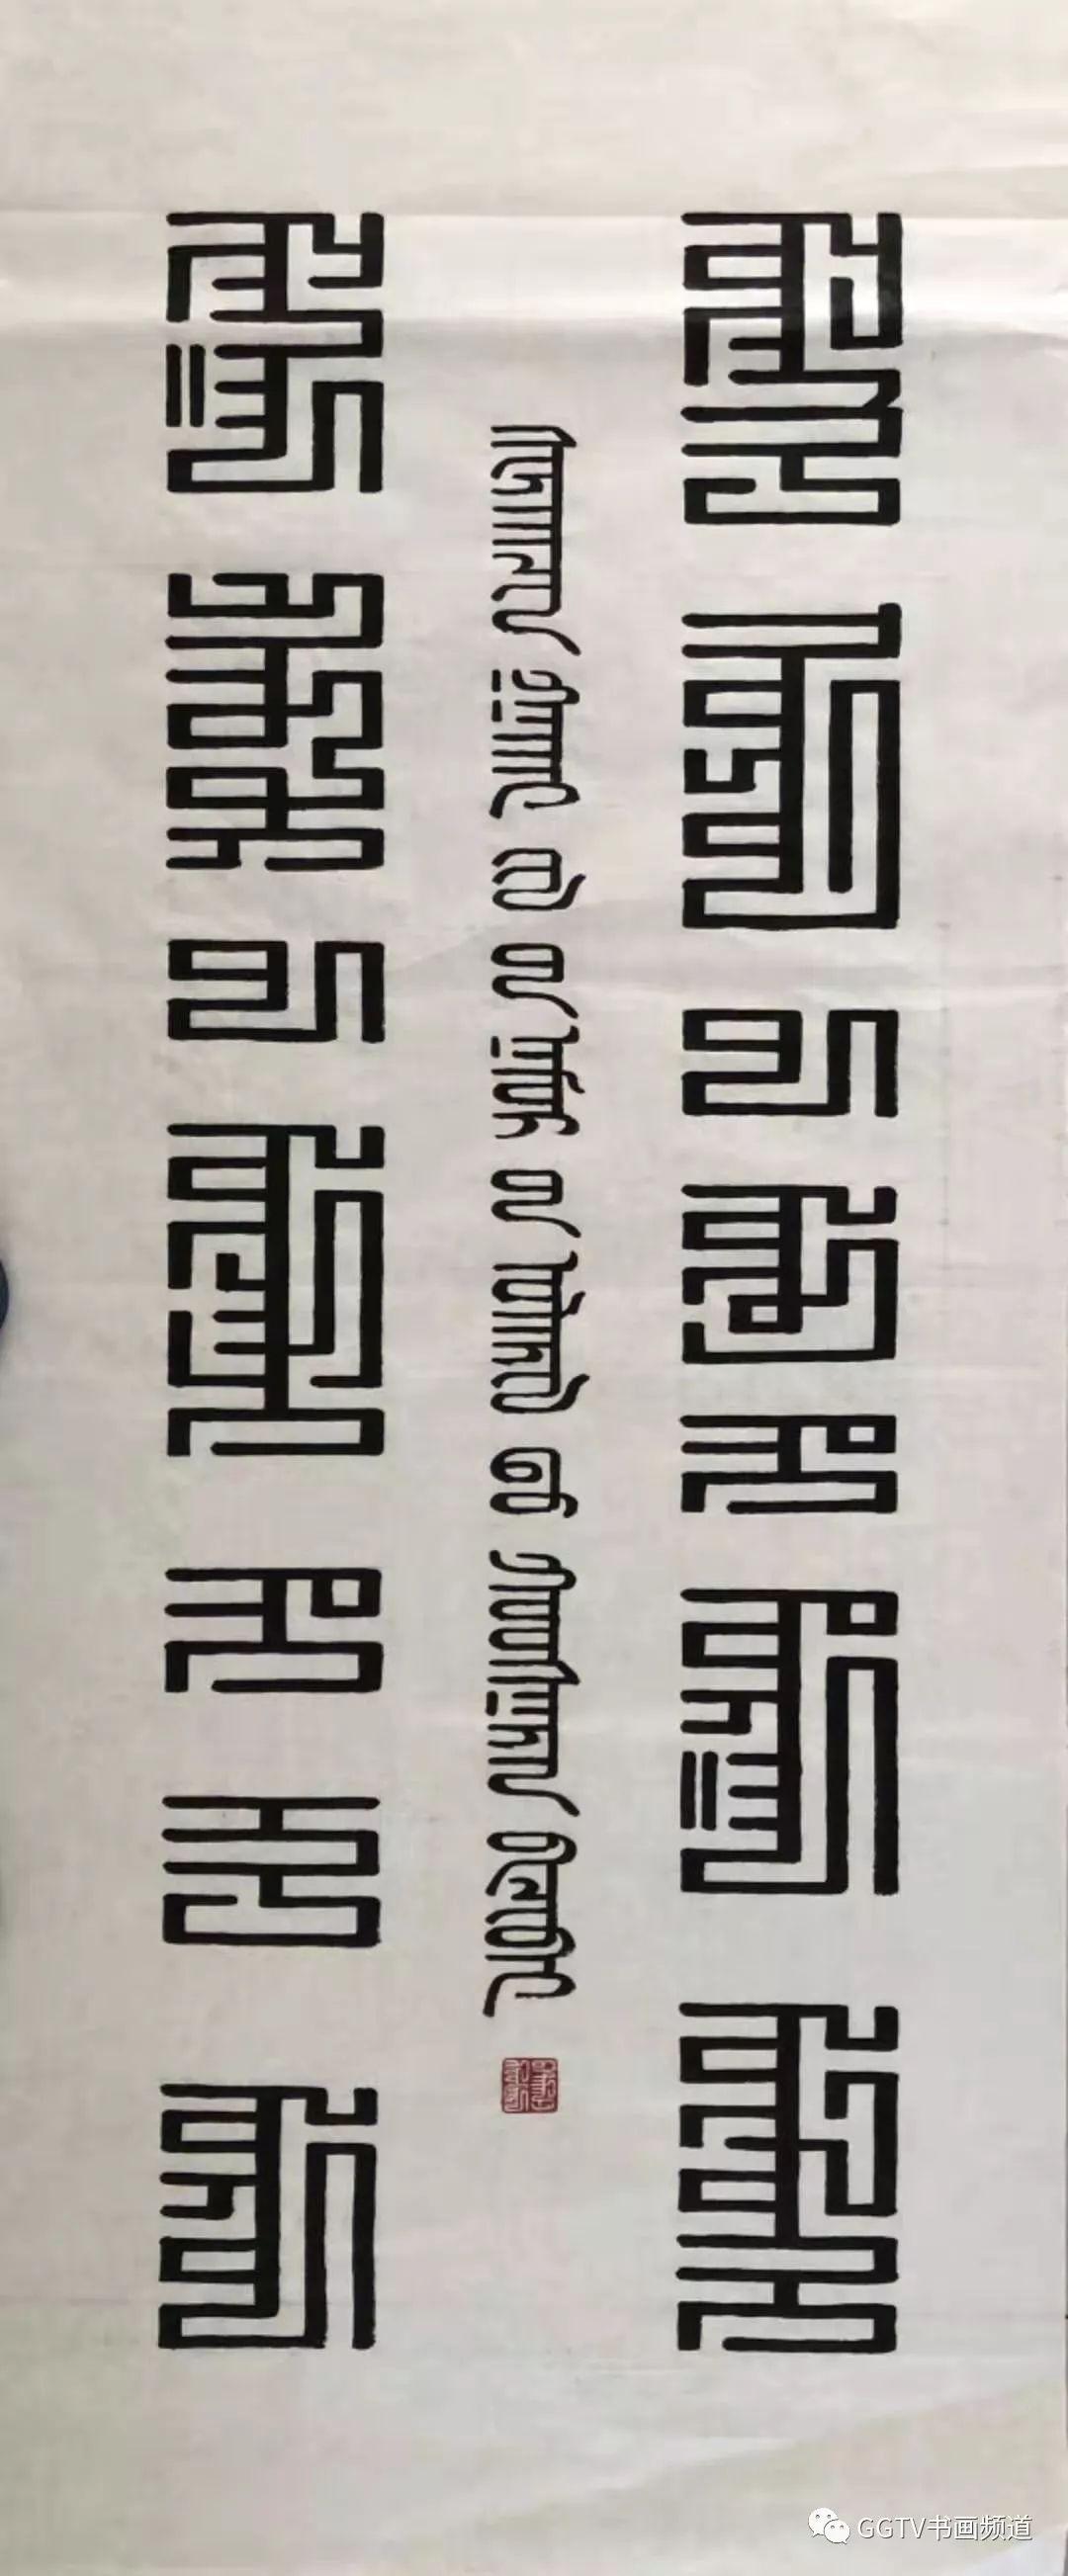 庆祝建国70周年全国优秀艺术家  —— 鲍好斯那拉作品展 第13张